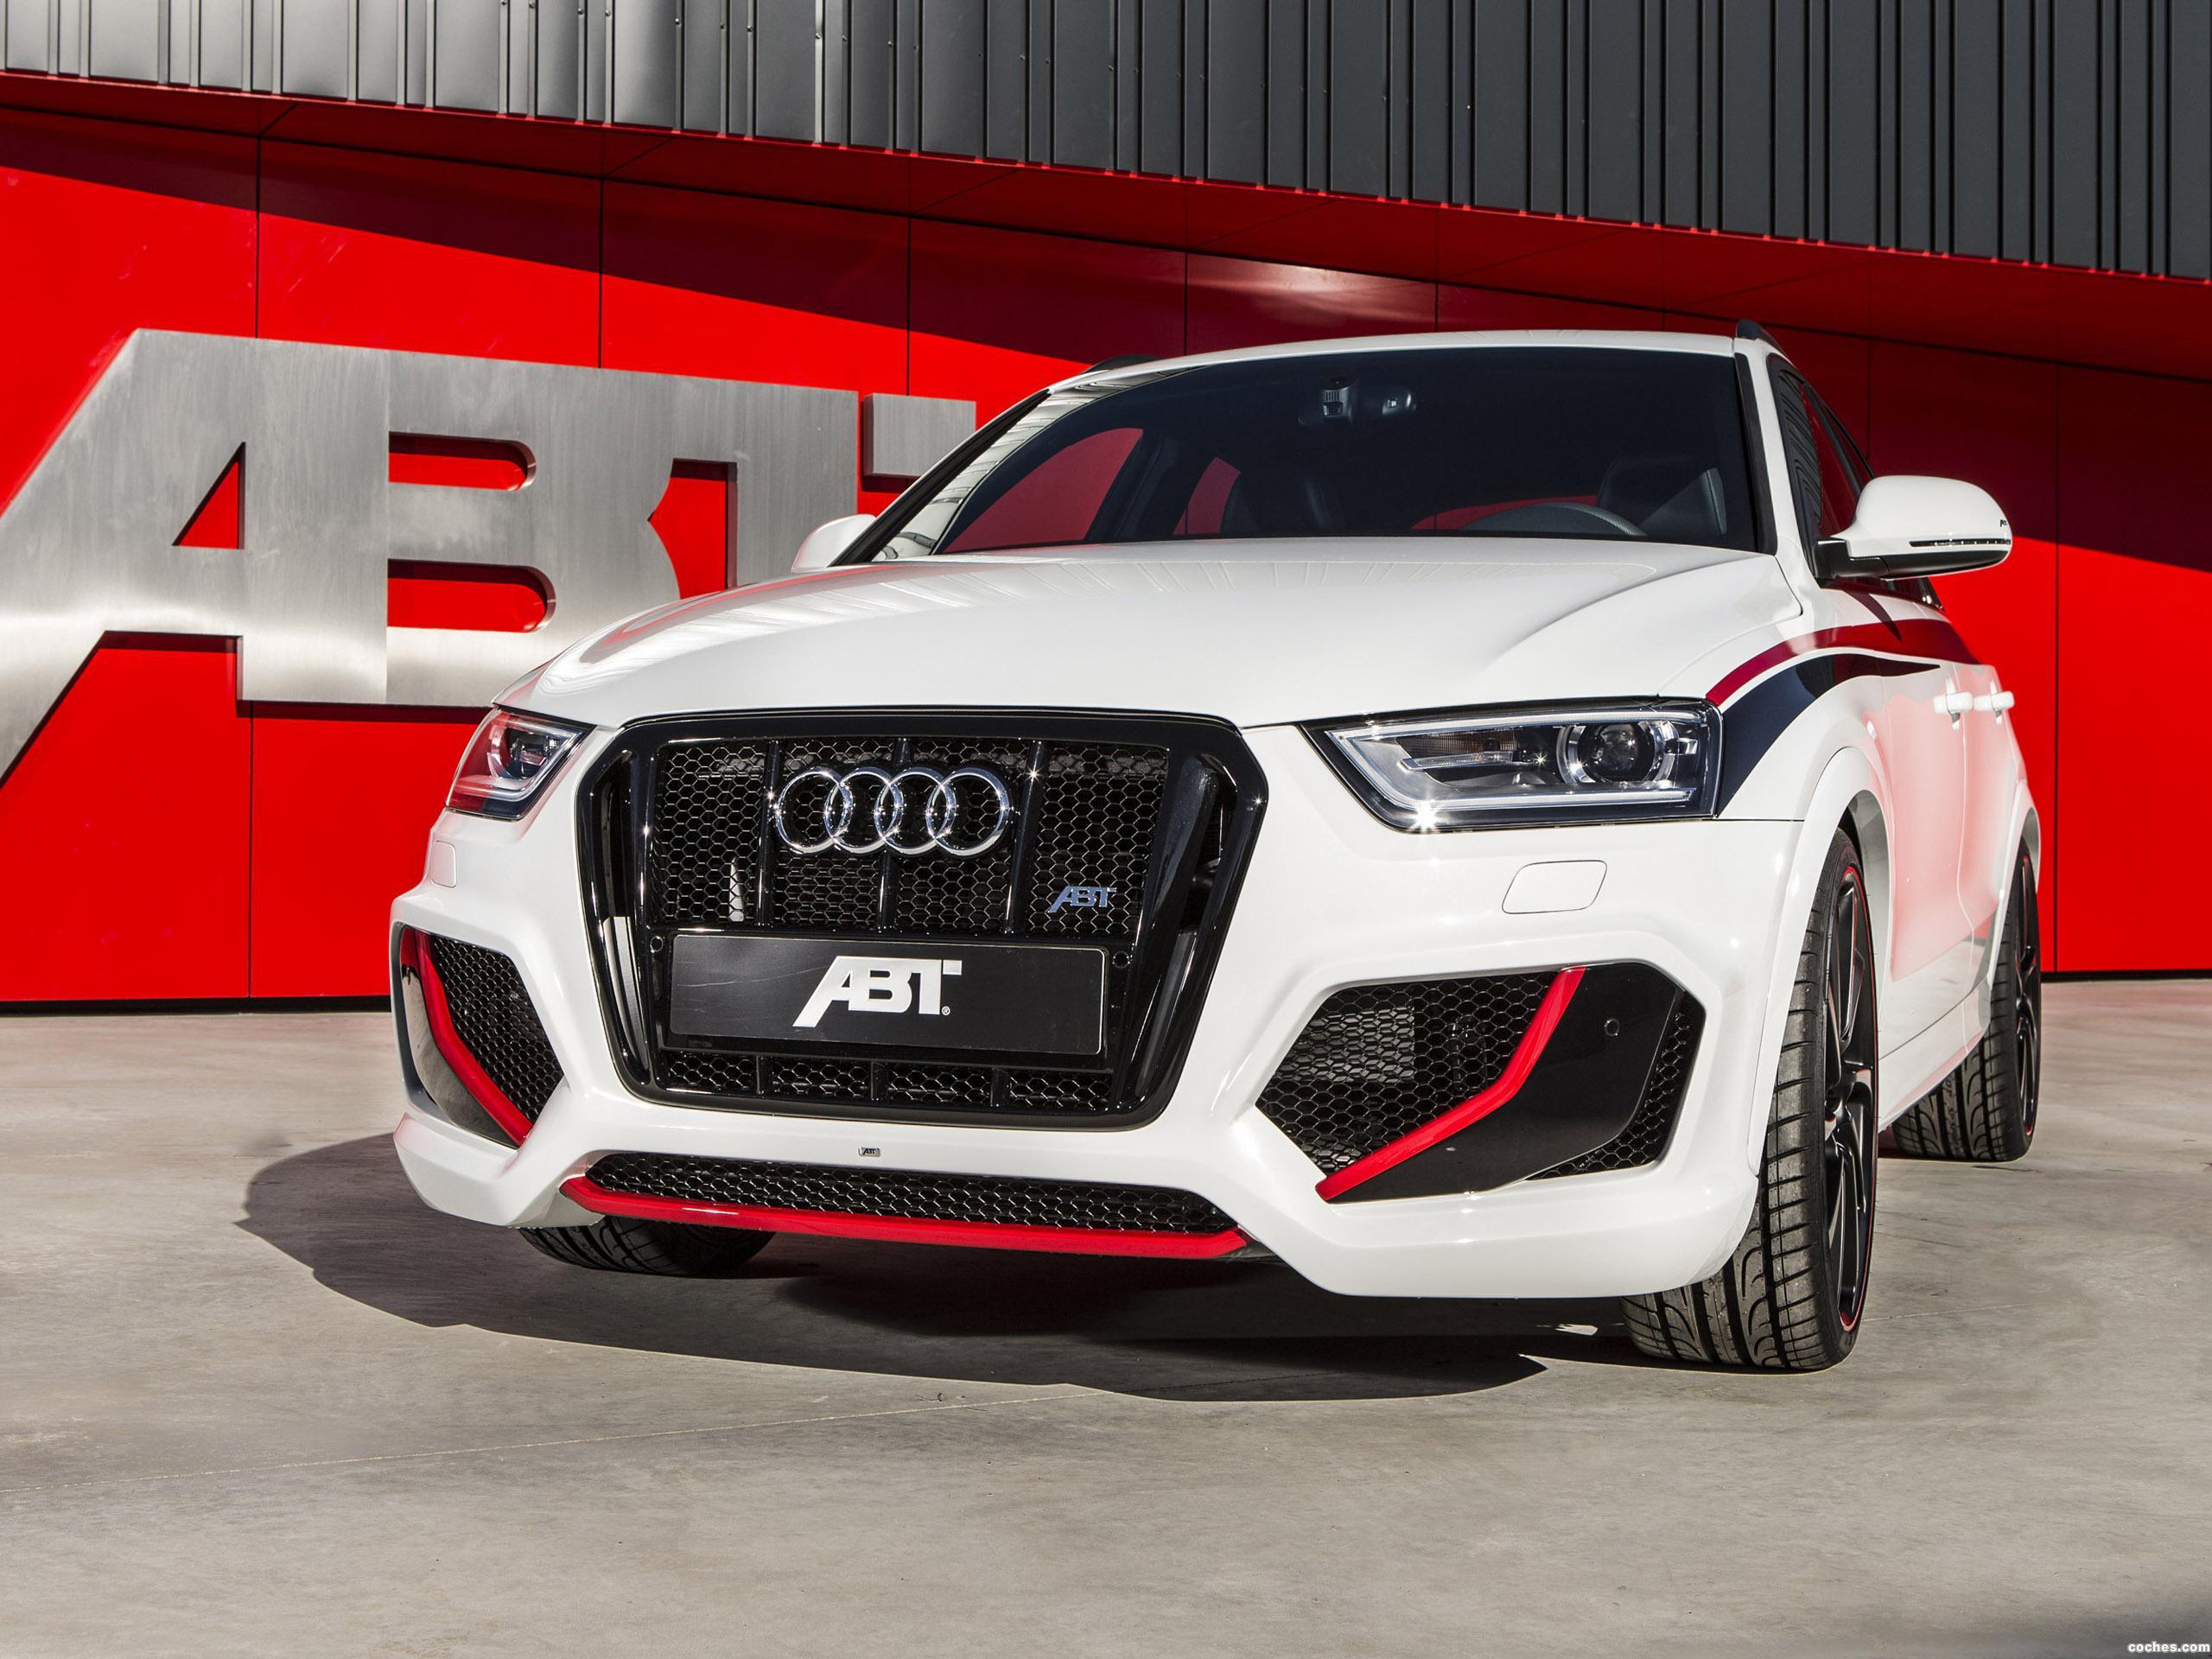 Foto 0 de Audi ABT RS Q3 2014